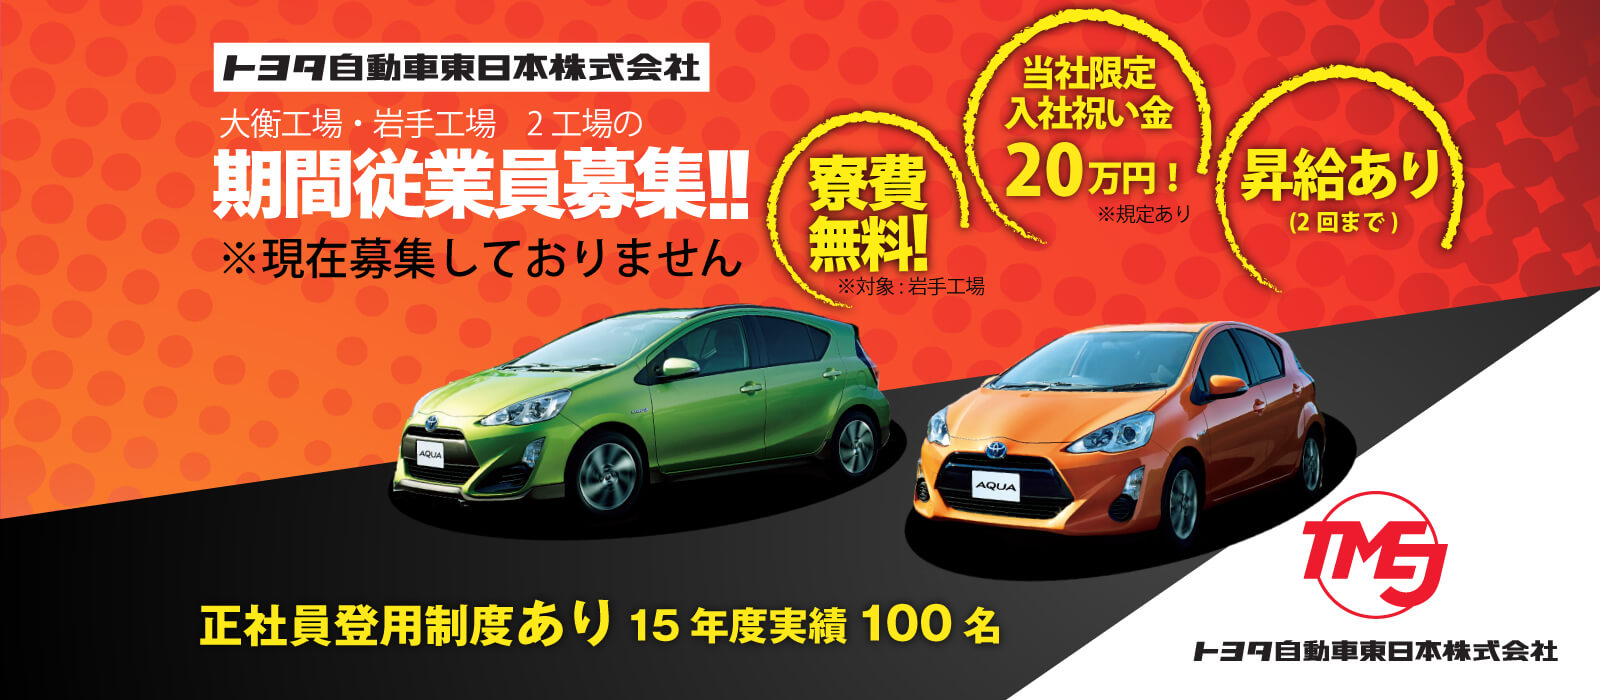 トヨタ自動車東日本株式会社岩手工場【期間従業員募集】